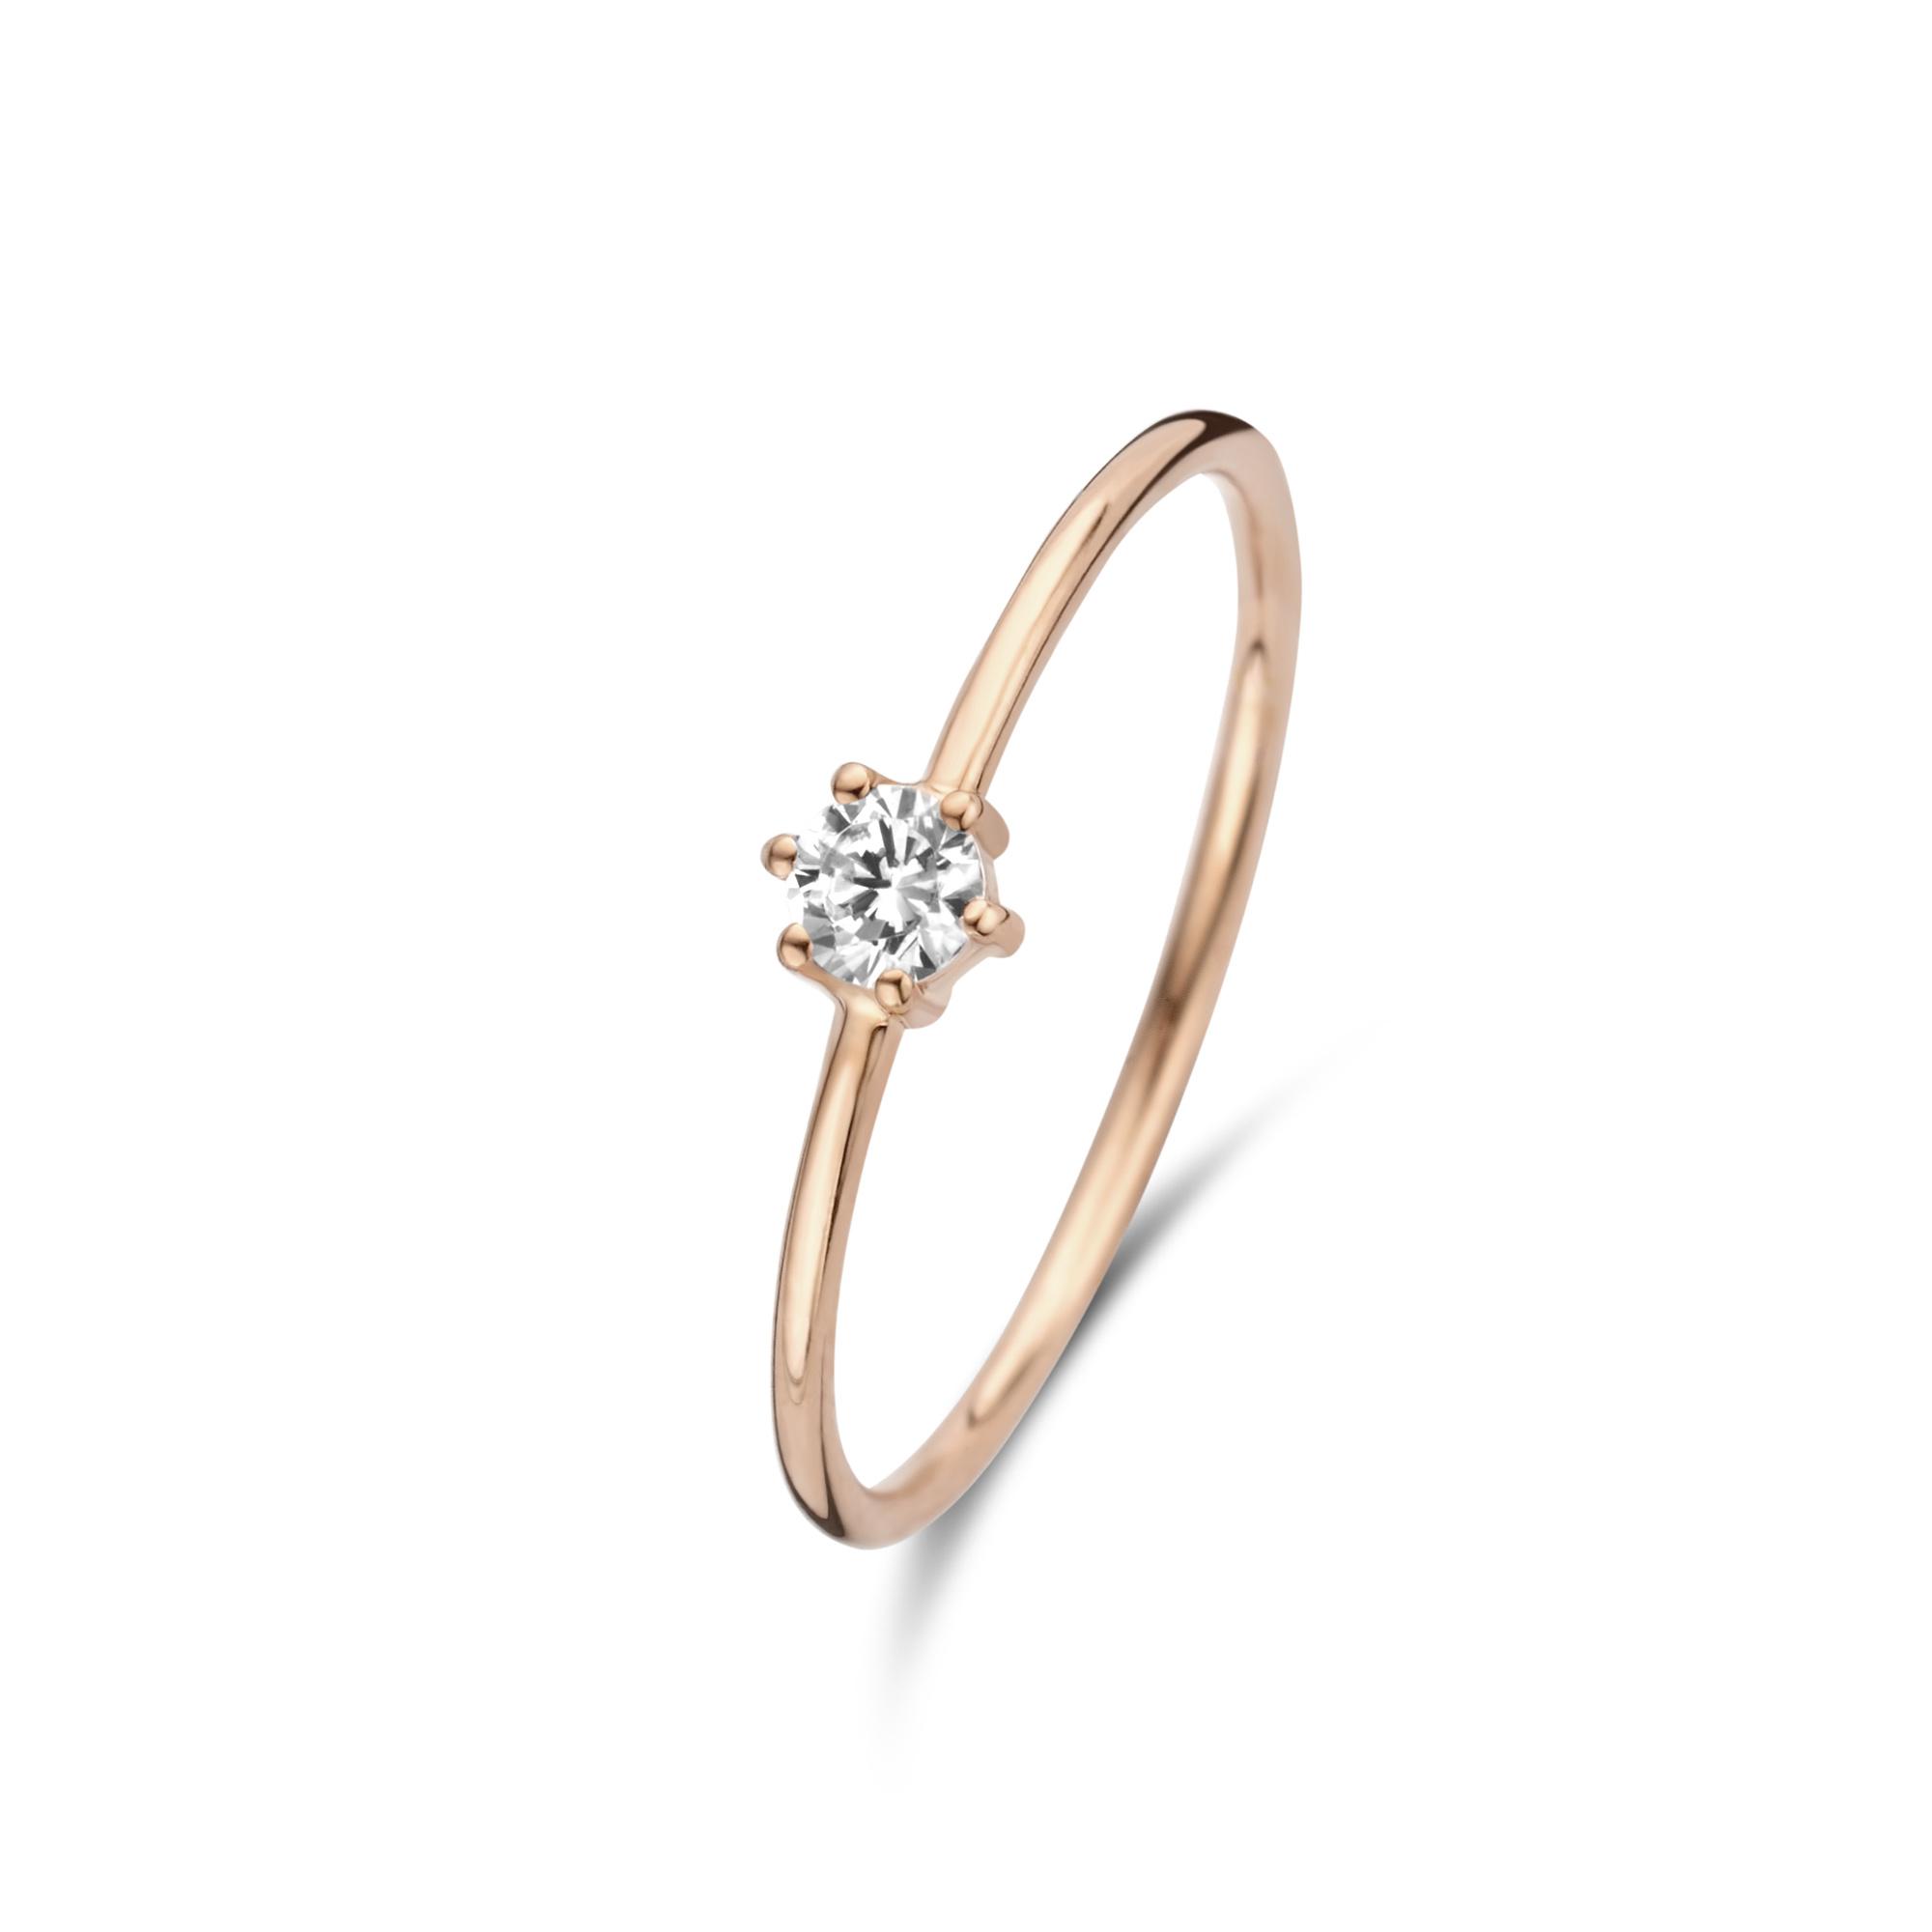 Isabel Bernard La Concorde Abelle 585er Roségold Ring mit Zirkonia